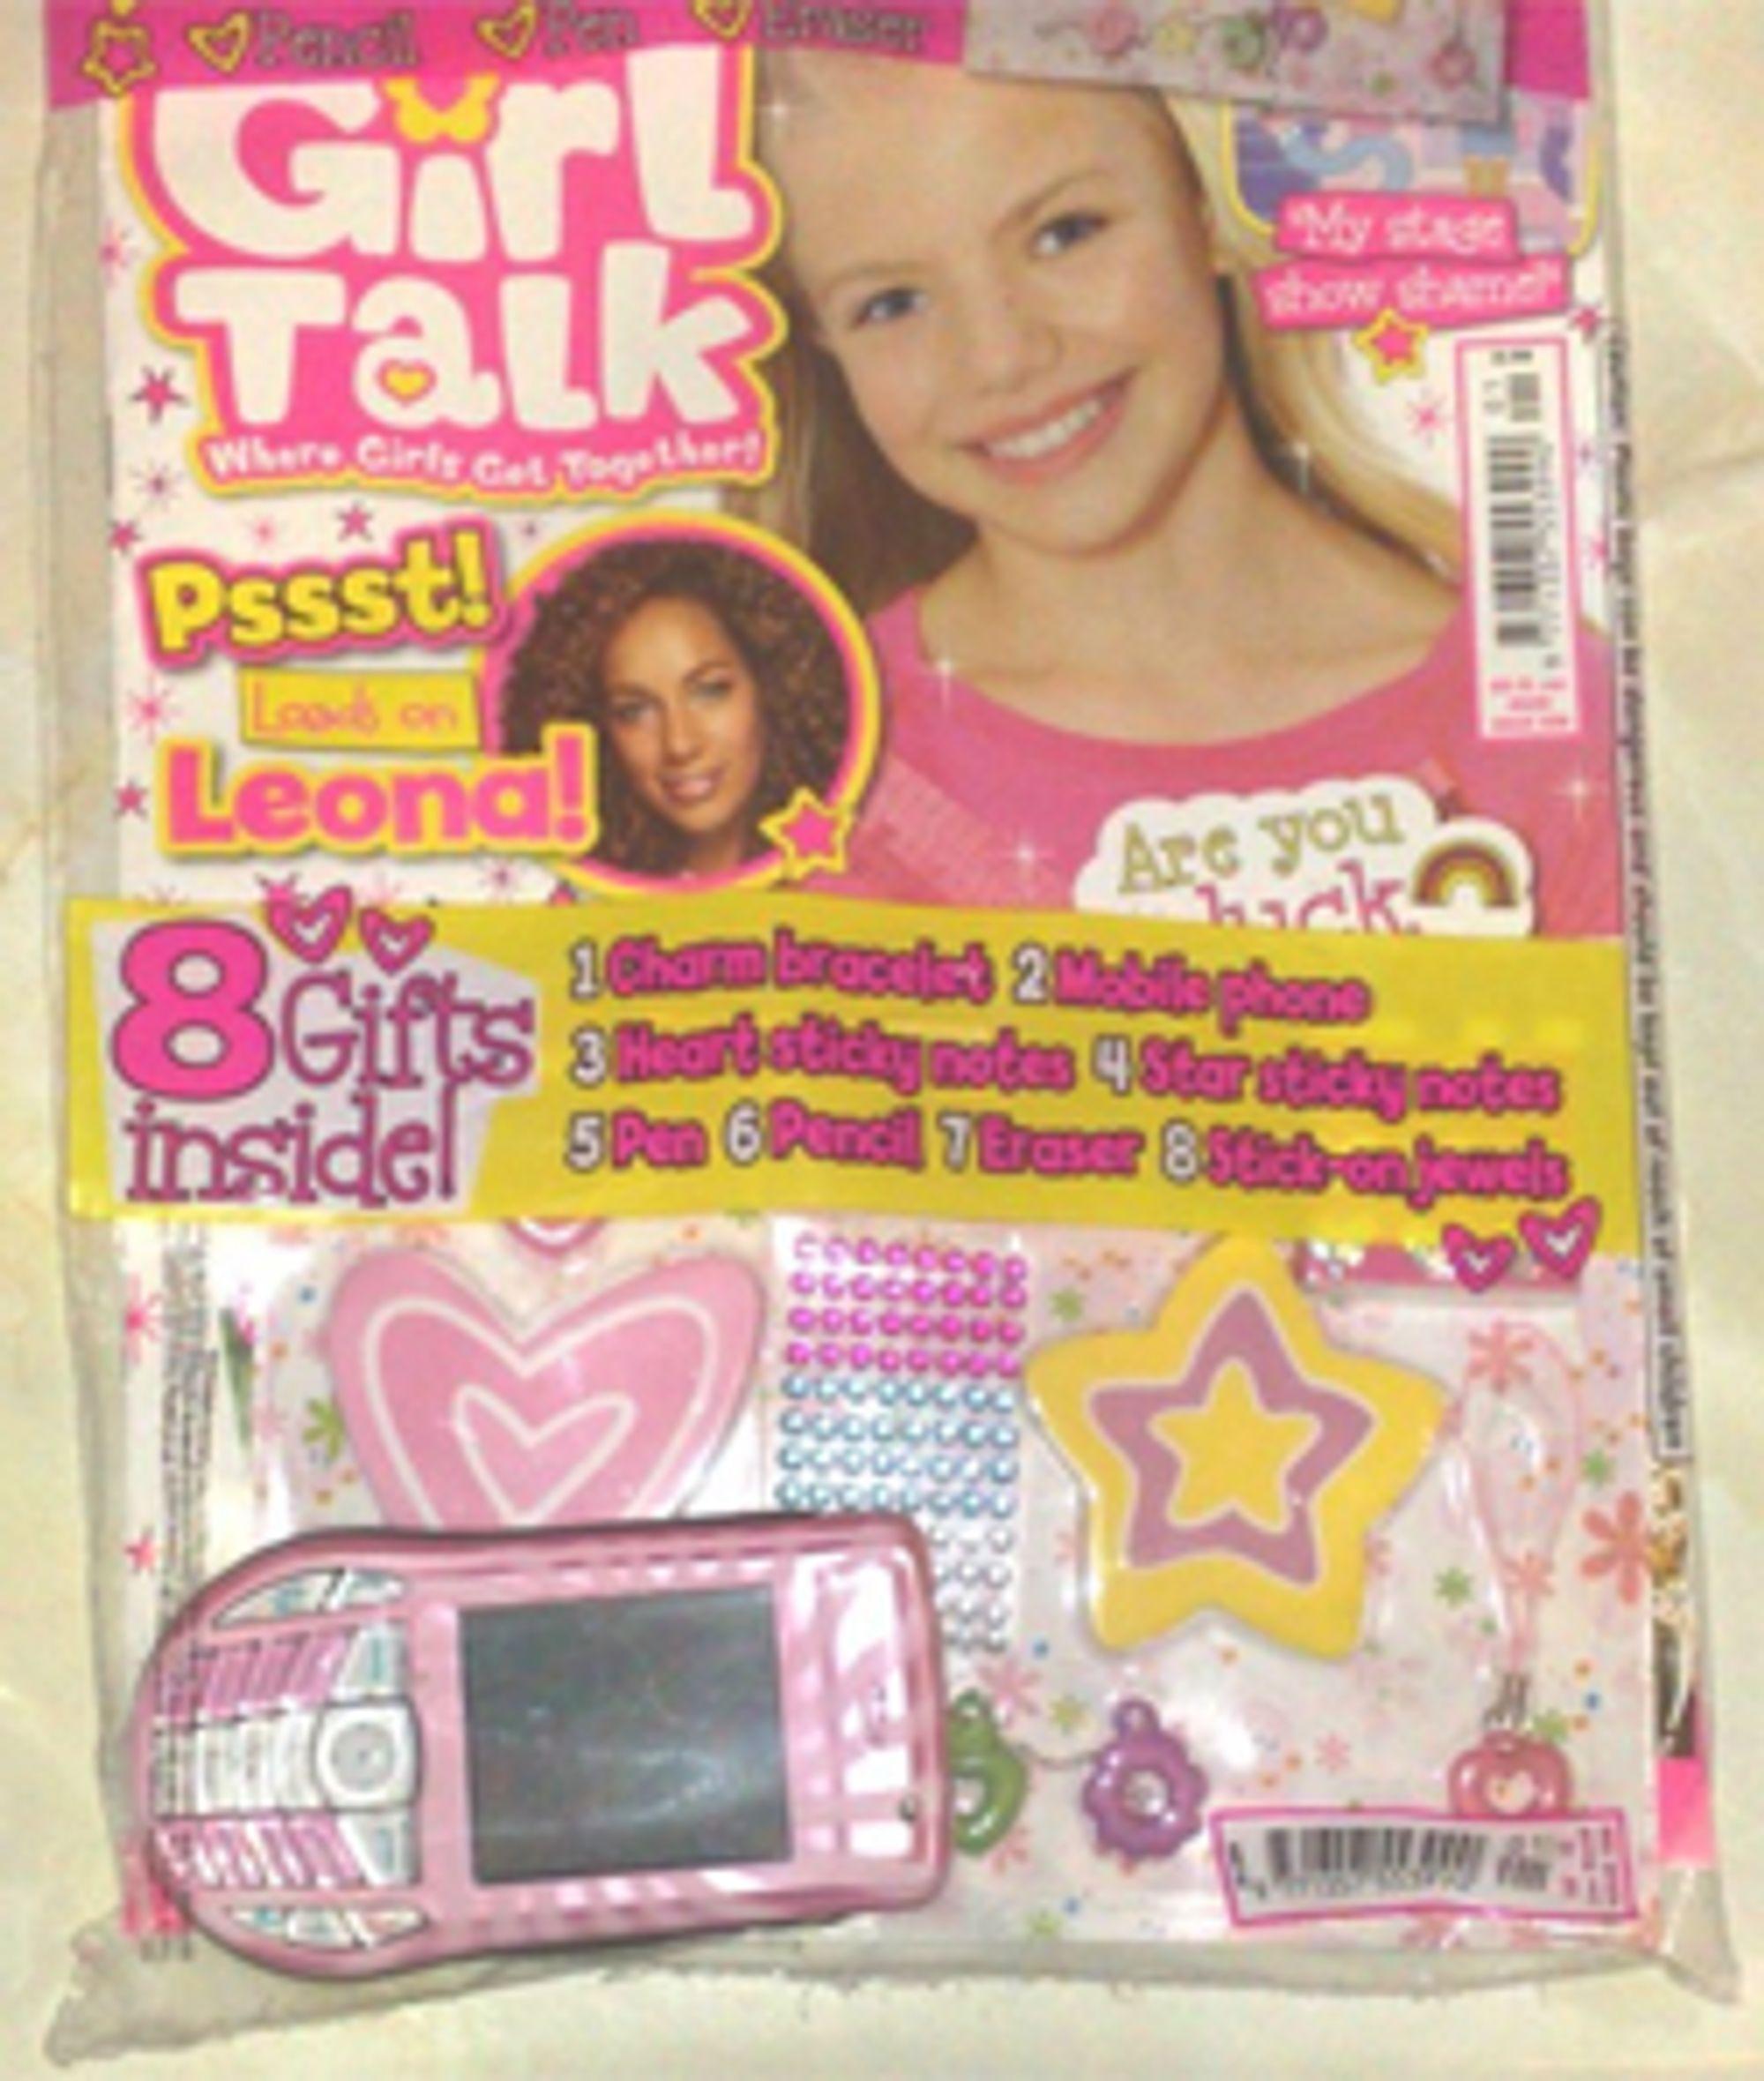 Girl Talk - nå med gratis Nokia 6630!